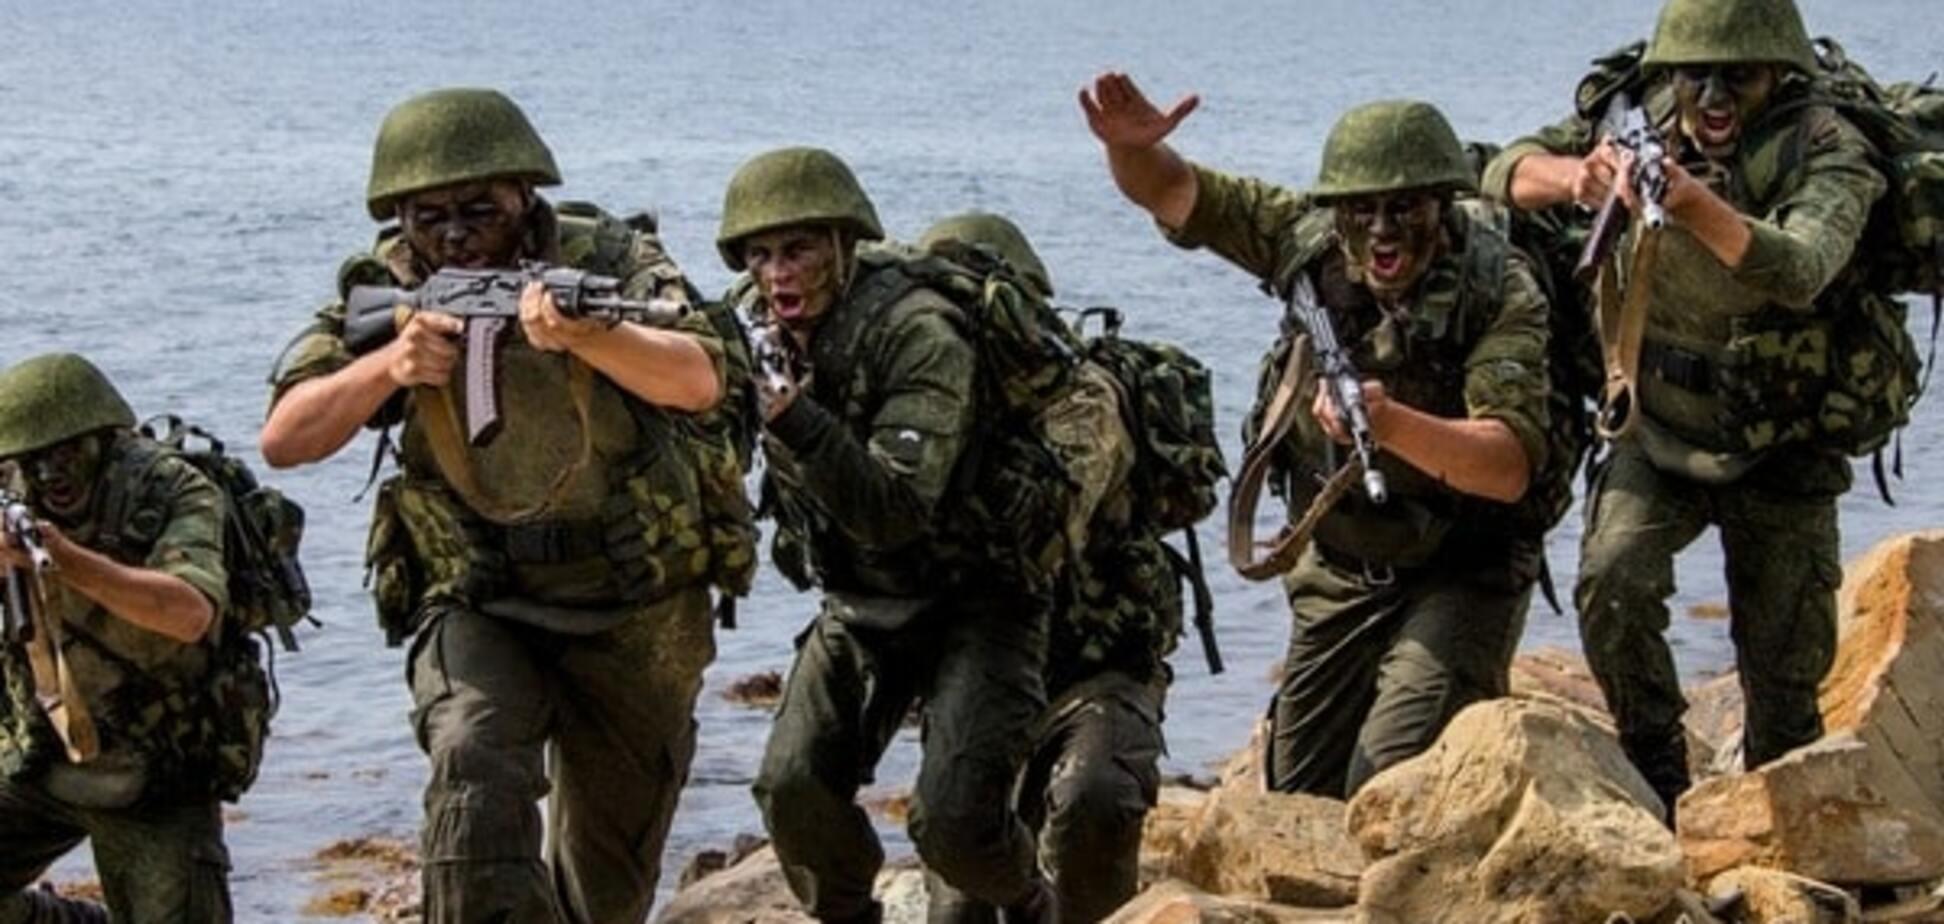 Російські війська в Криму відпрацьовують захоплення півдня України - розвідка